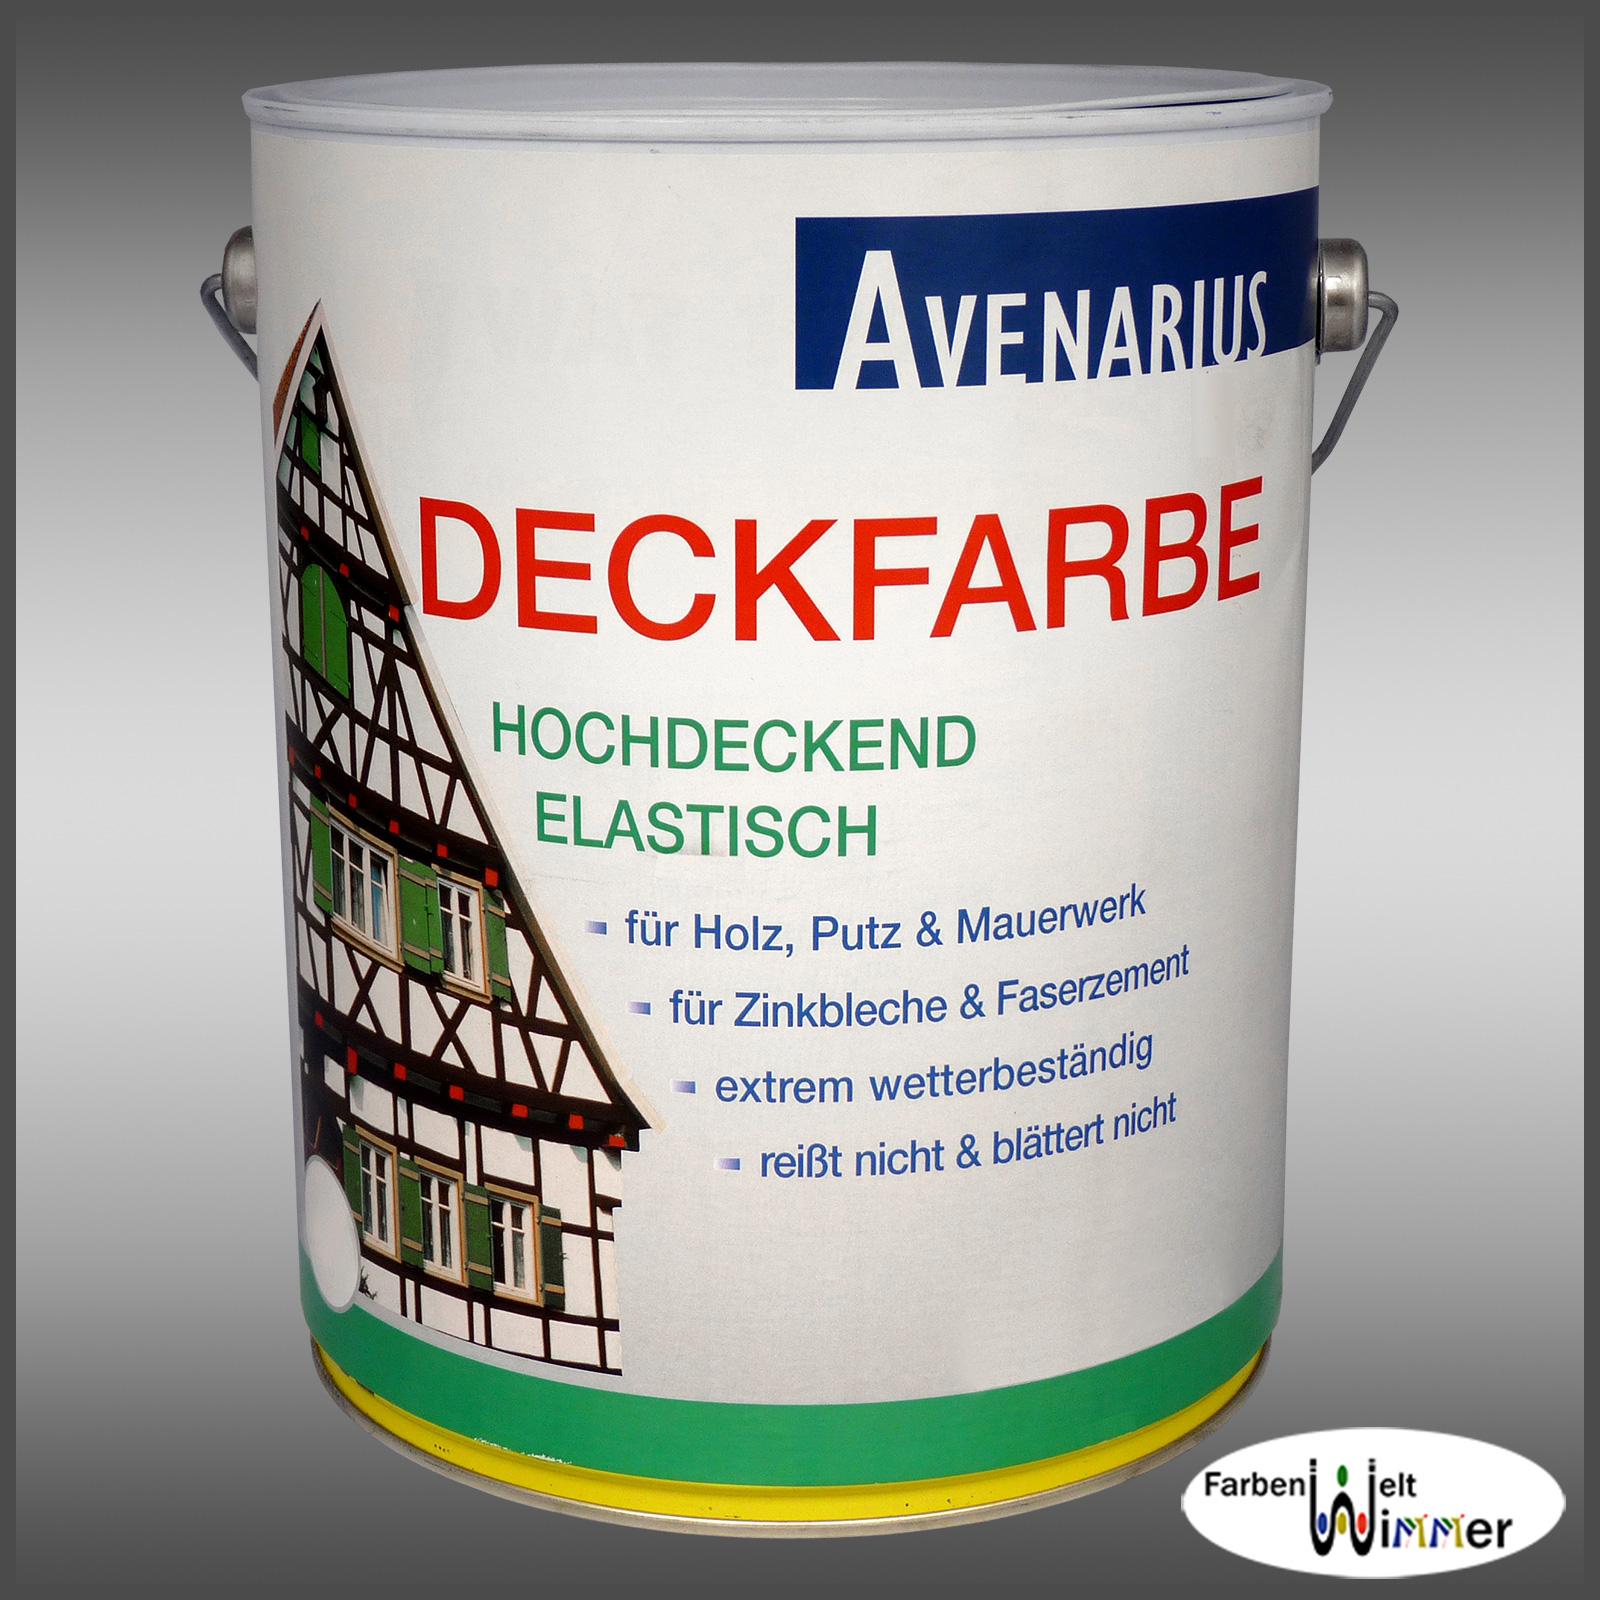 Farbenwelt wimmer avenarius deckfarbe for Holzschutzmittel fachwerk